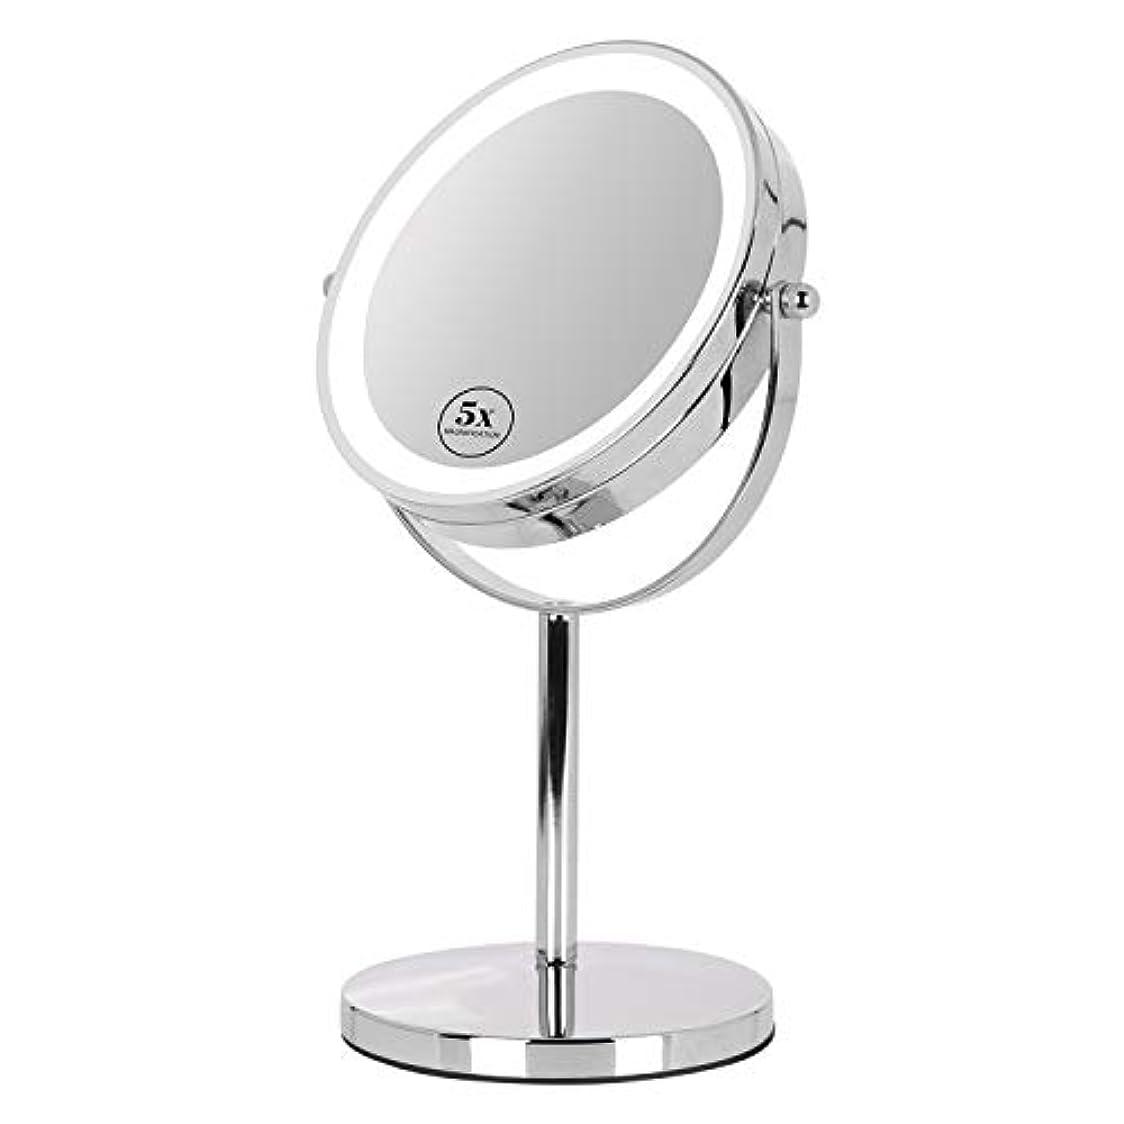 促すマウスピースその卓上ミラー 鏡 化粧鏡 LED付き 真実の両面鏡DX 5倍拡大鏡 360度回転 卓上鏡 鏡面Φ165mm